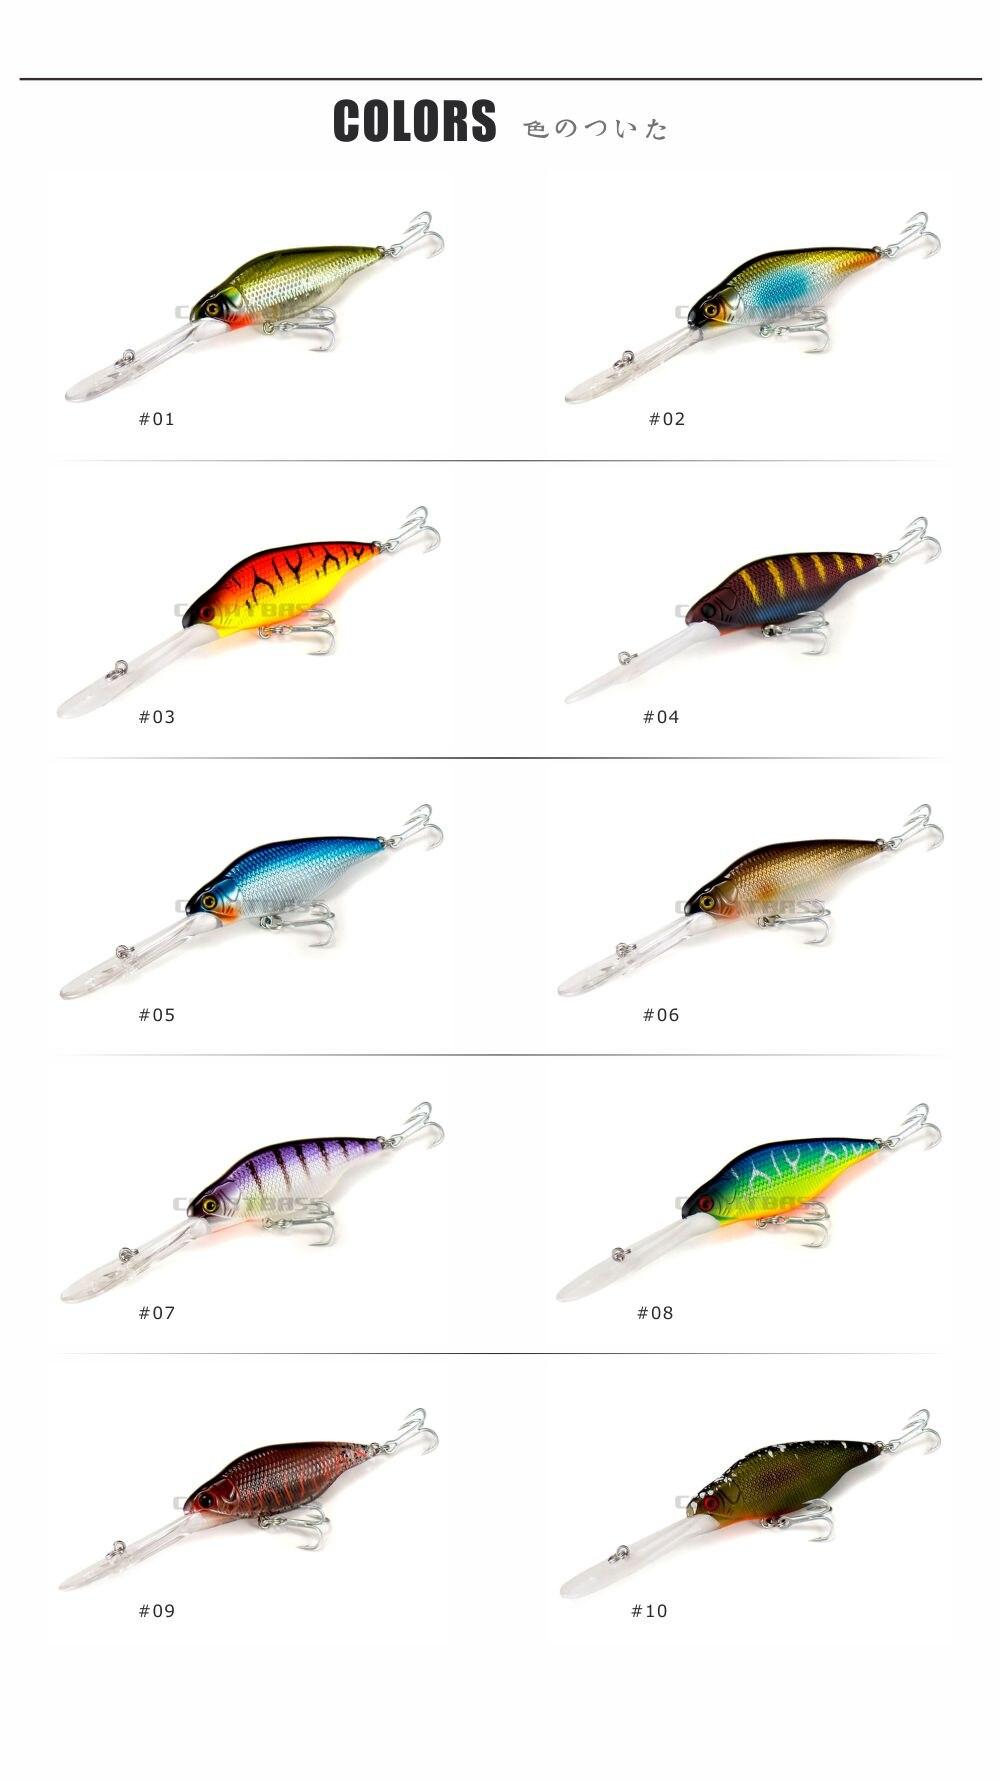 AC087-colors